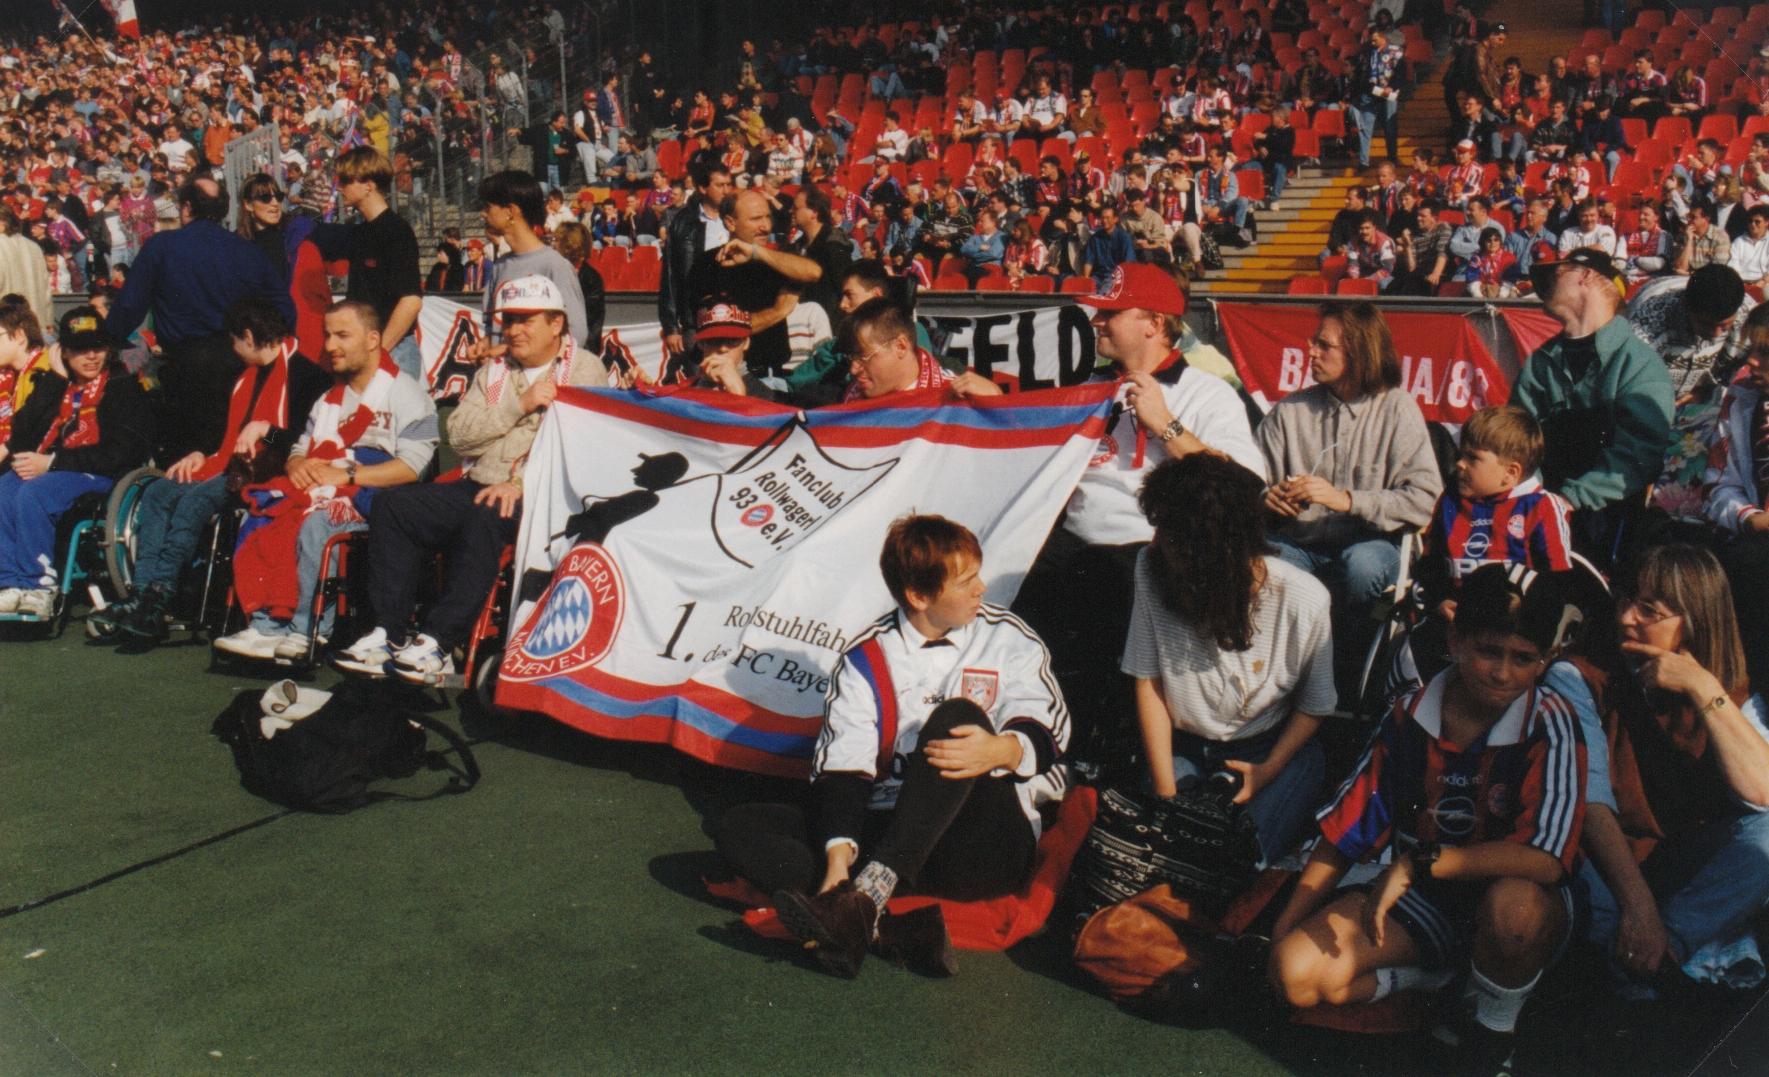 Die Teilnehmer bei unserer ersten Auswärtsfahrt zum 1. FC Köln in der Gruppe im Stadion